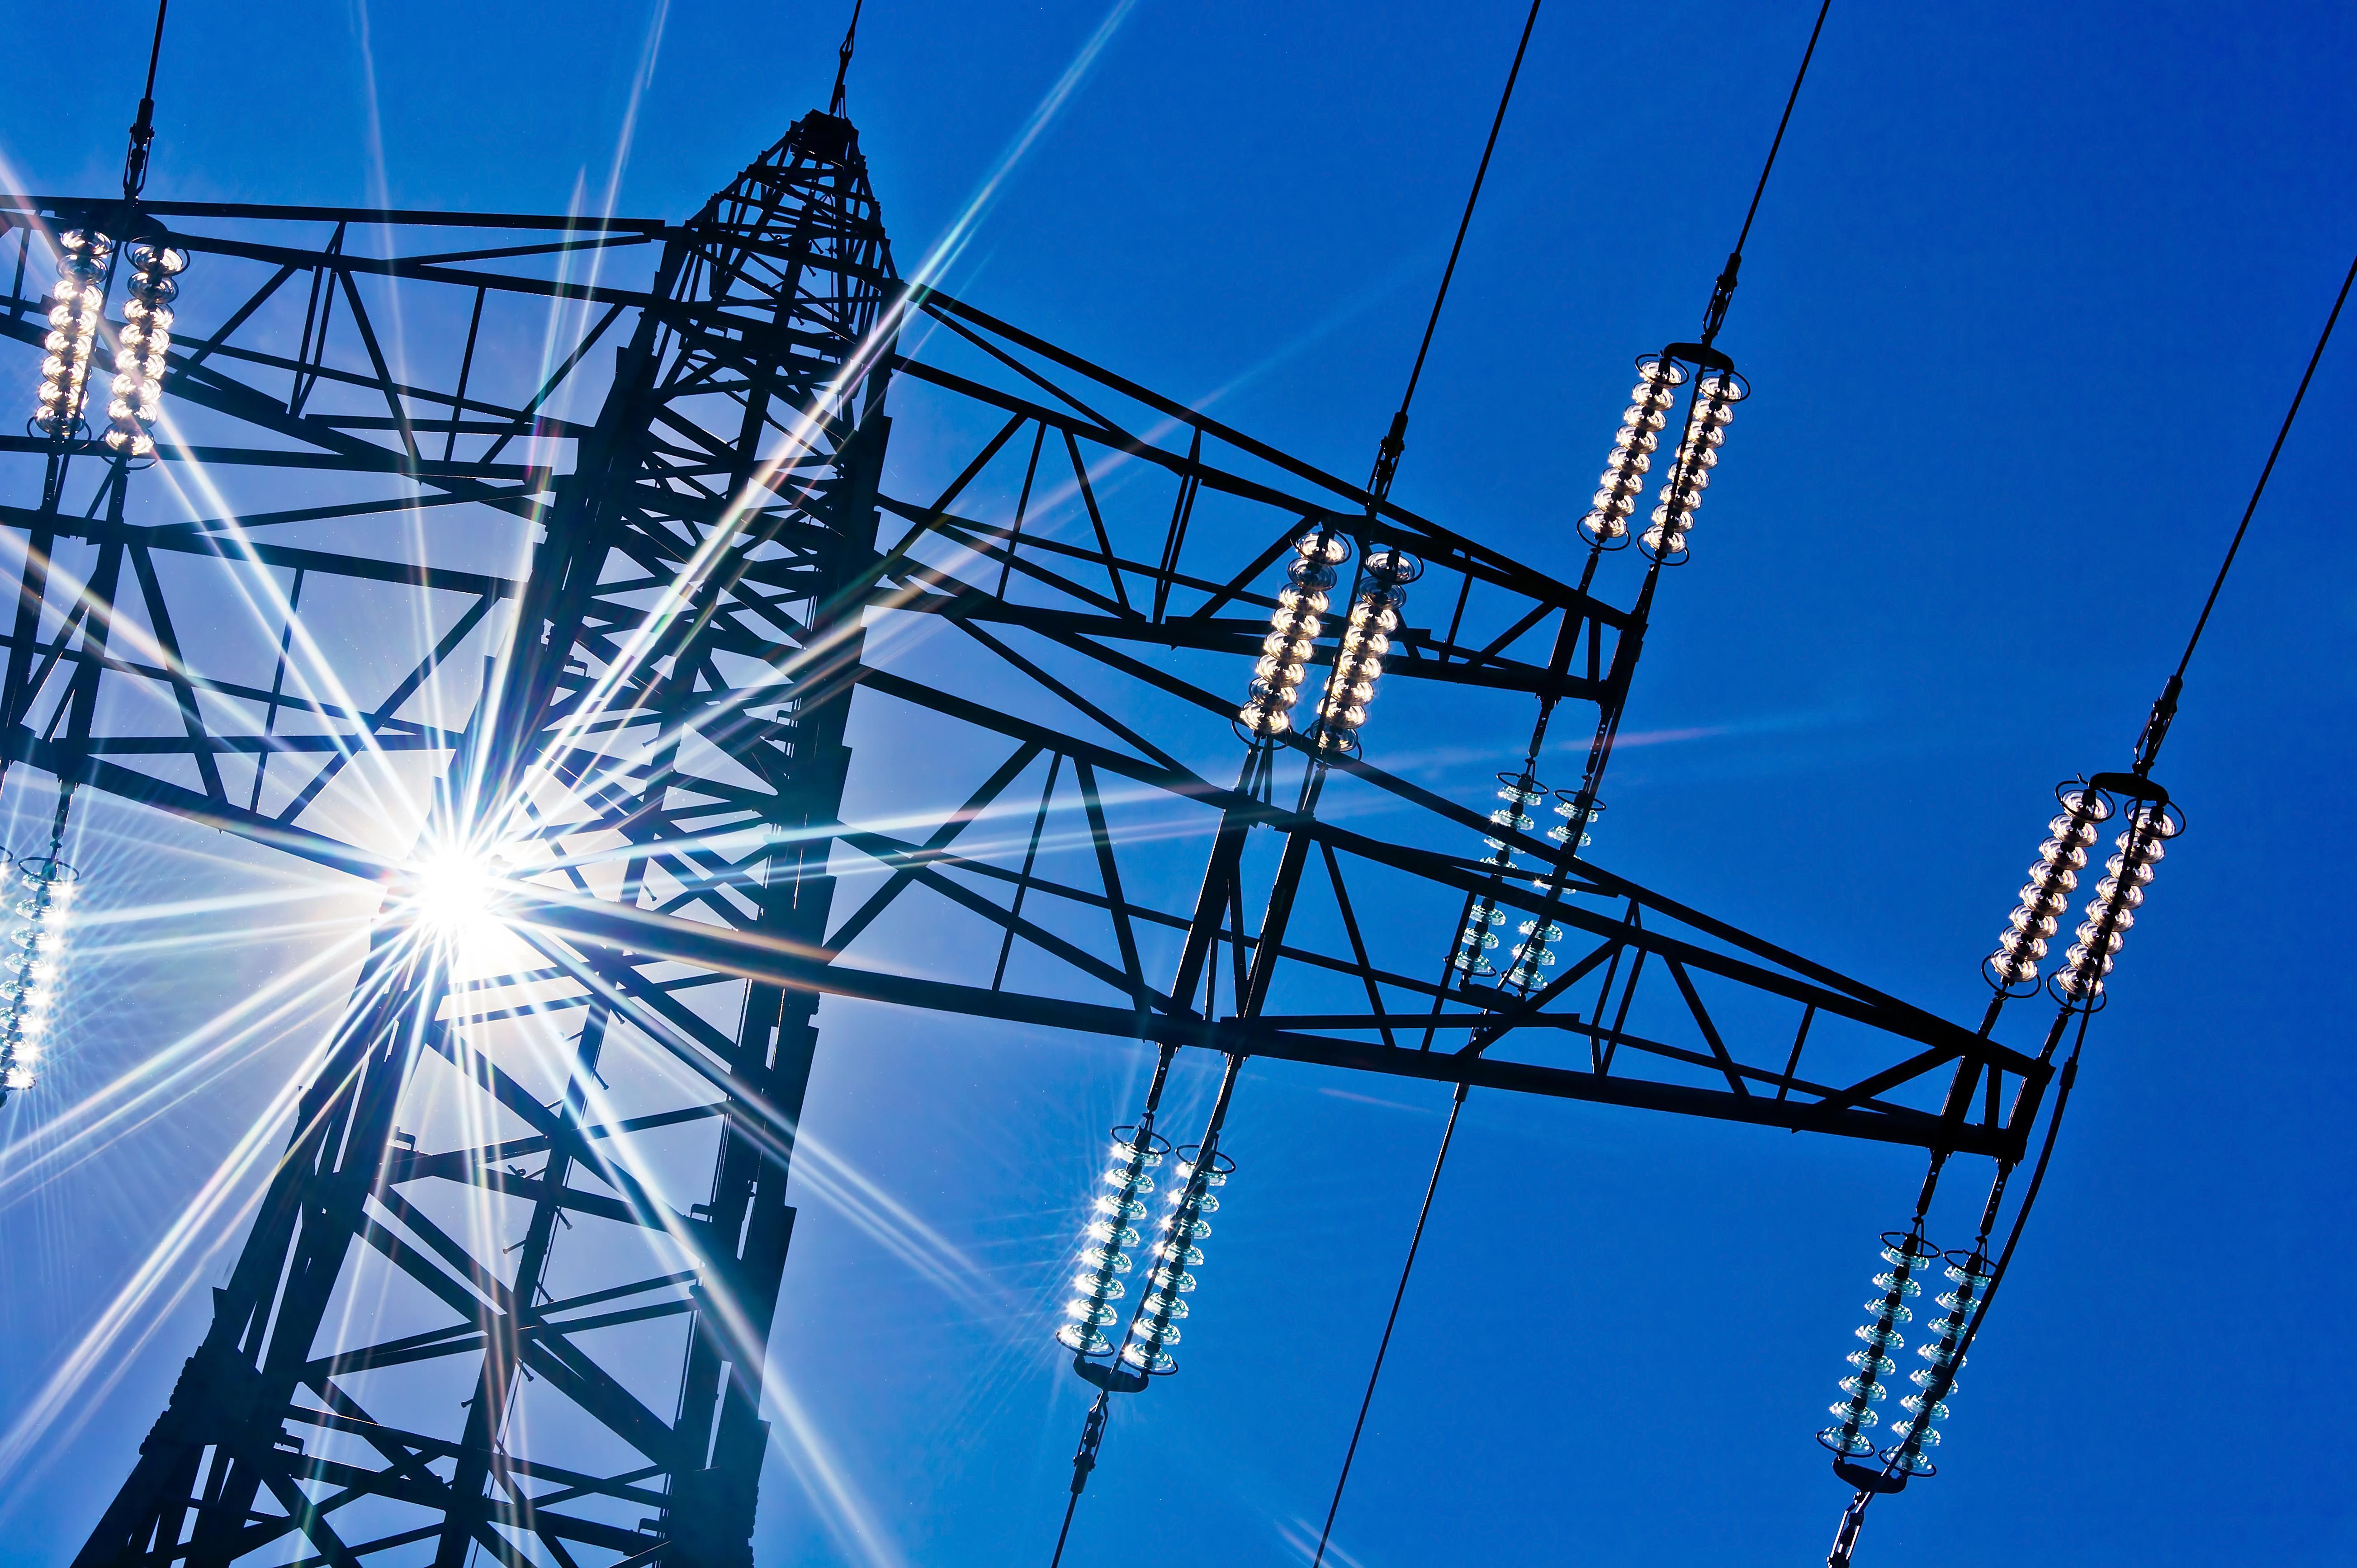 картинки для презентации электроэнергия компании адидас